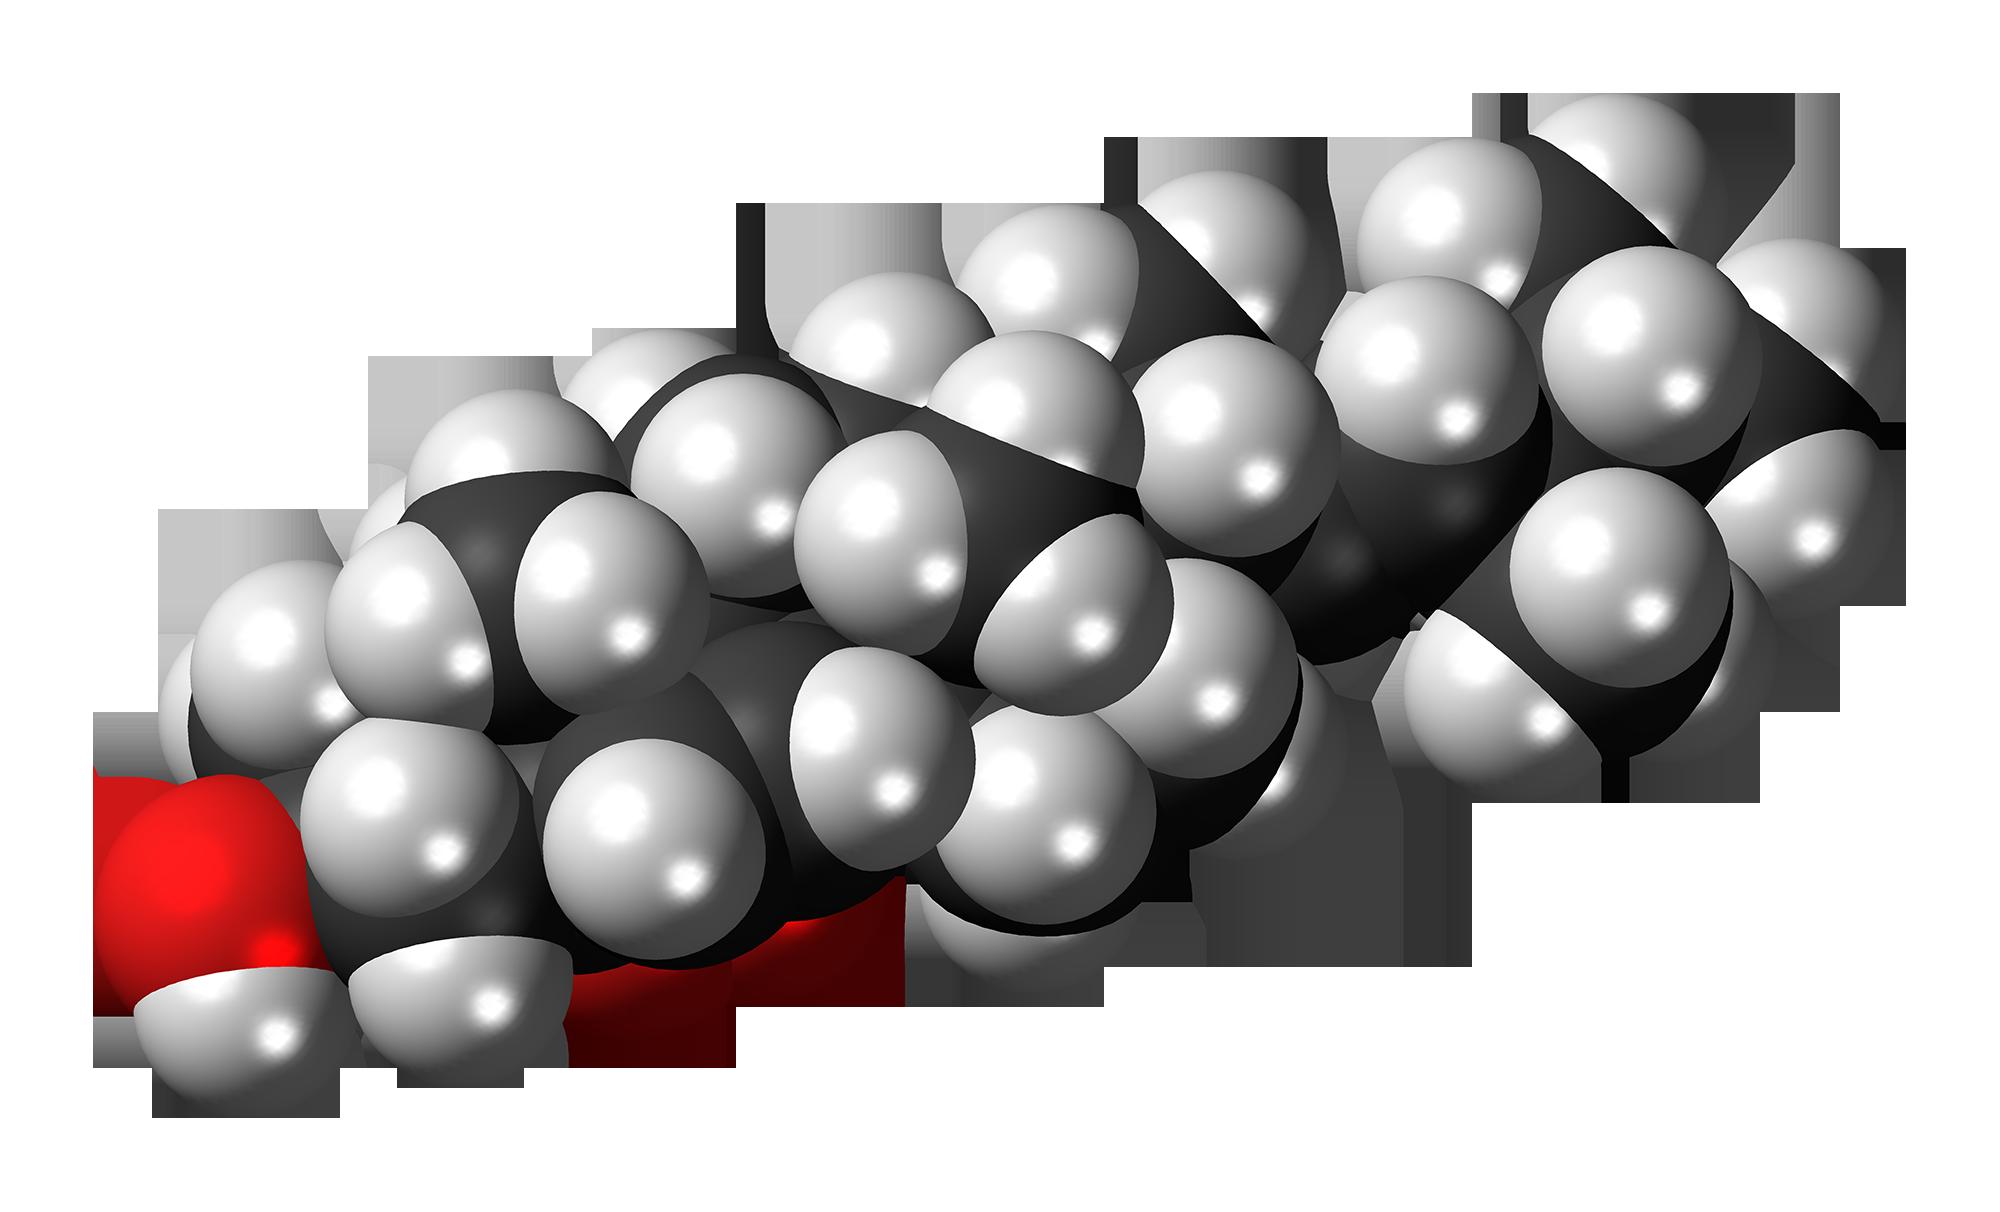 fileergosterol peroxide molecule spacefillpng